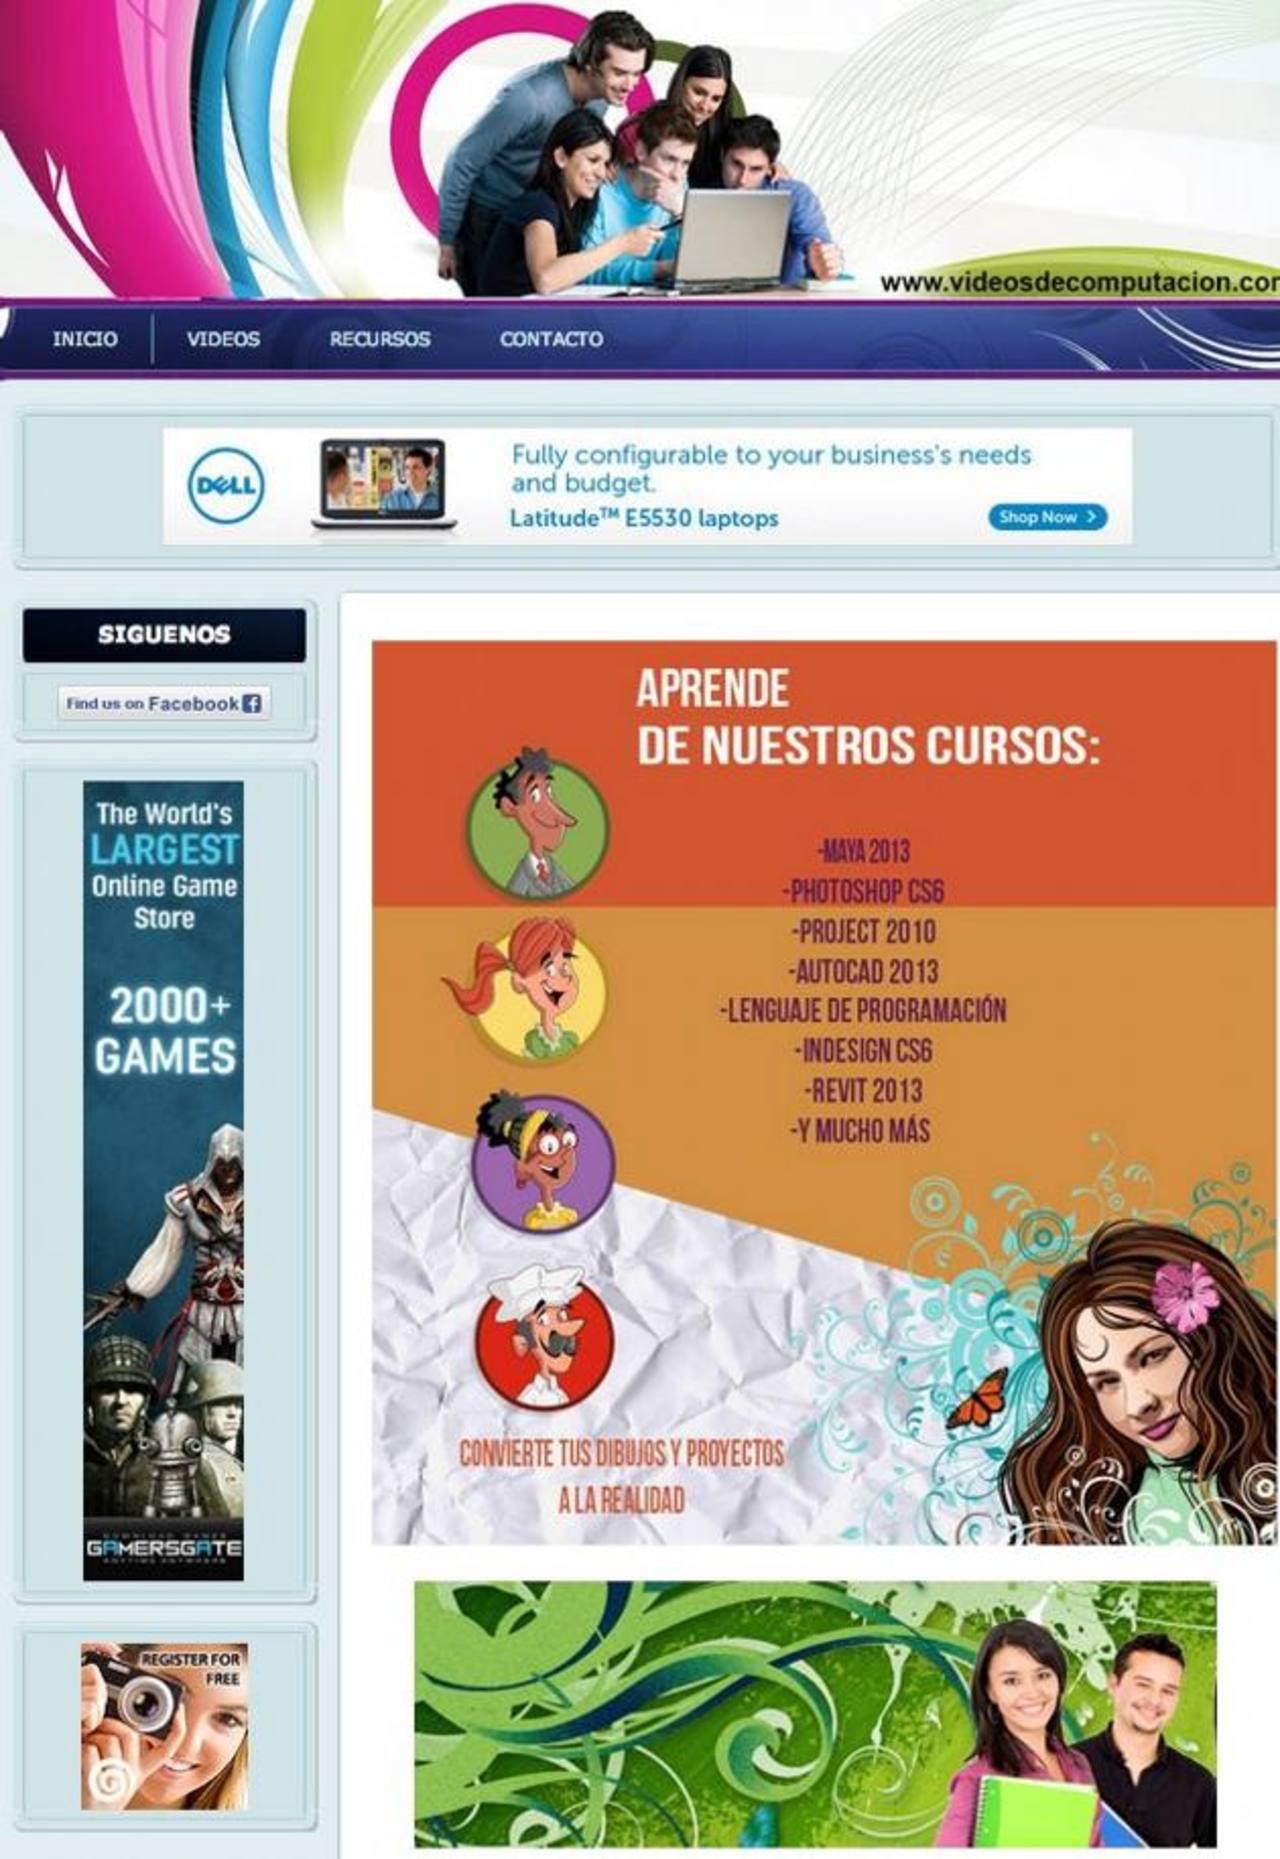 www.videosdecomputacion.com es un sitio creado por salvadoreños para la enseñanza de programas informáticos.